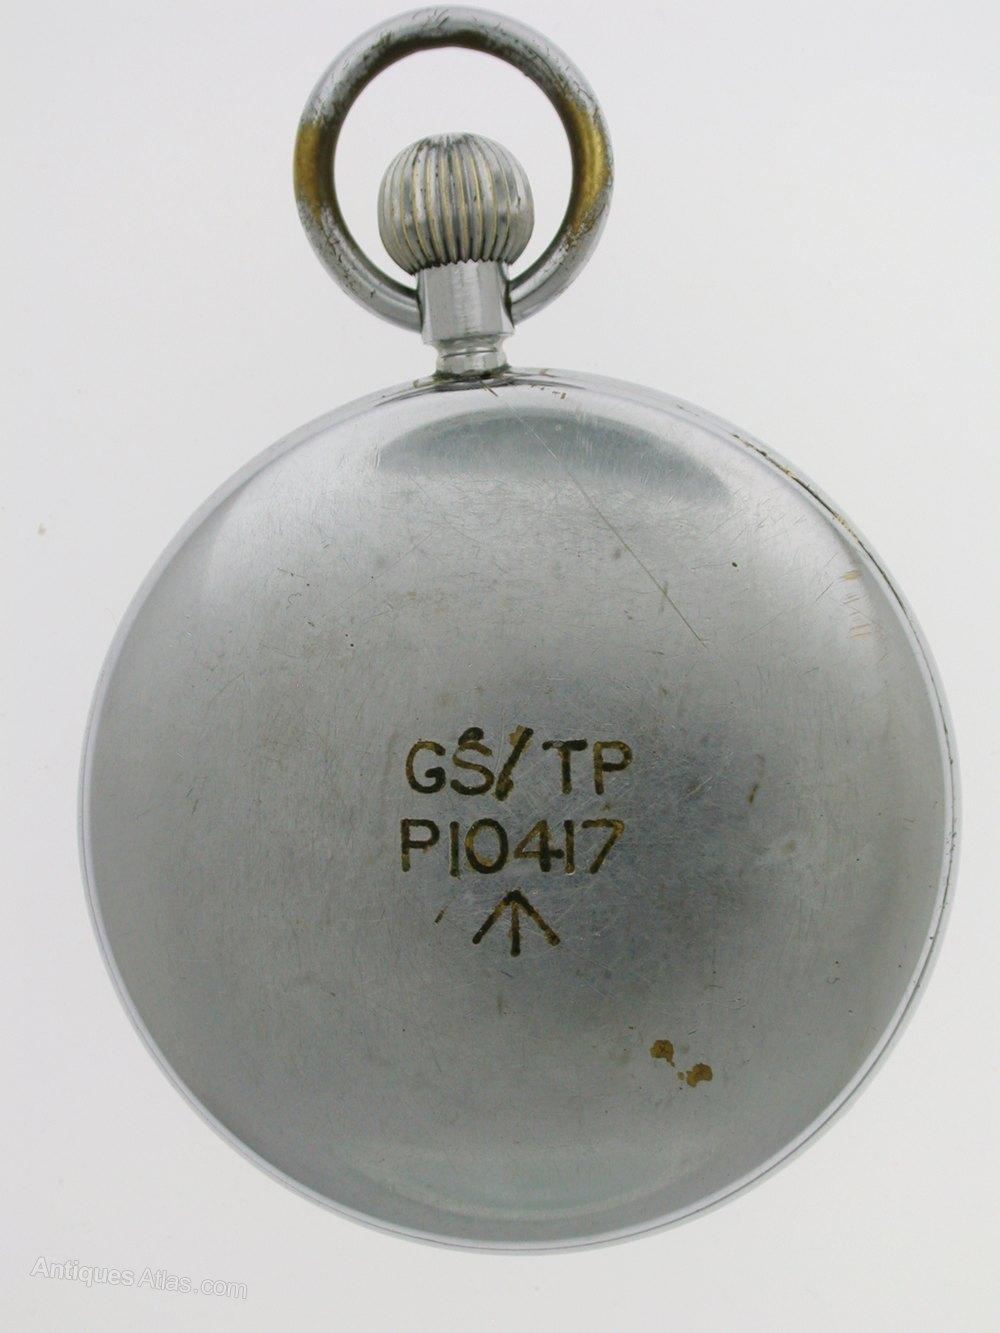 b6580d3c1 Original Jaeger LeCoultre Military Pocket Watch Antique and Vintage Pocket  Watches %%alt5%% %%alt6%%